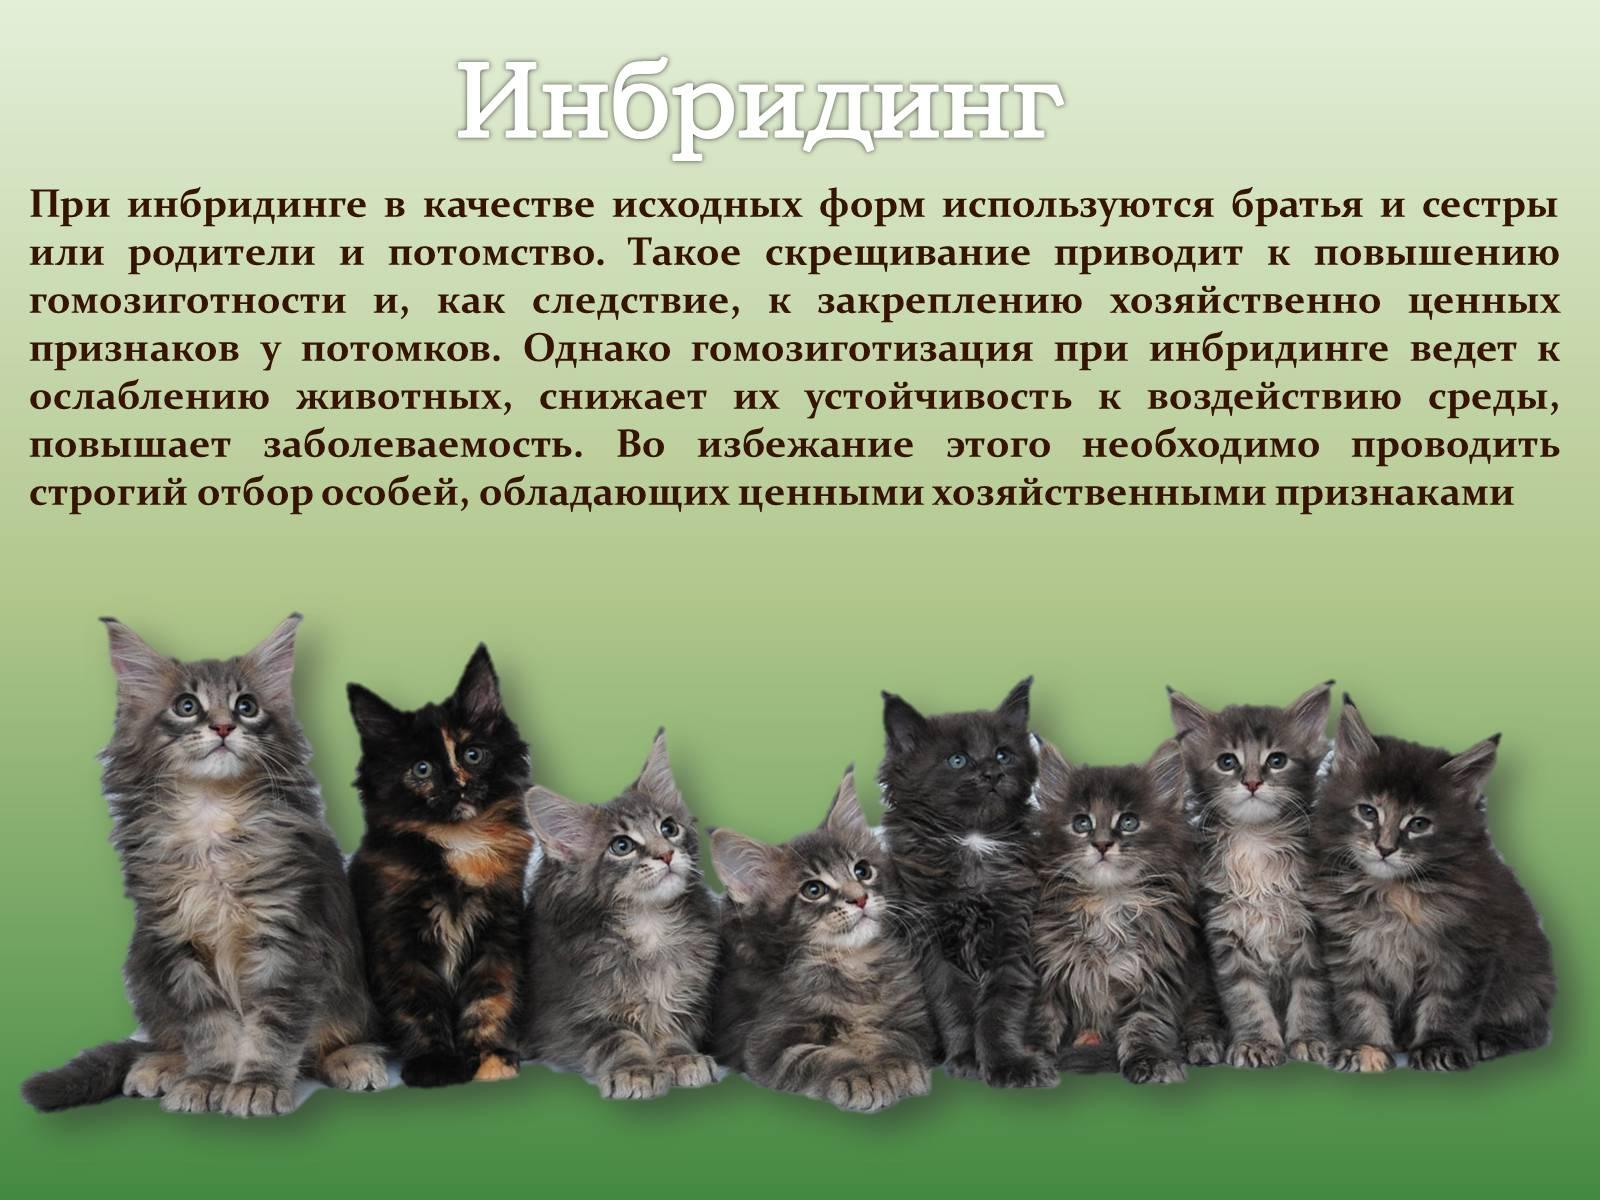 Селекция животных на устойчивость к болезням реферат 7547